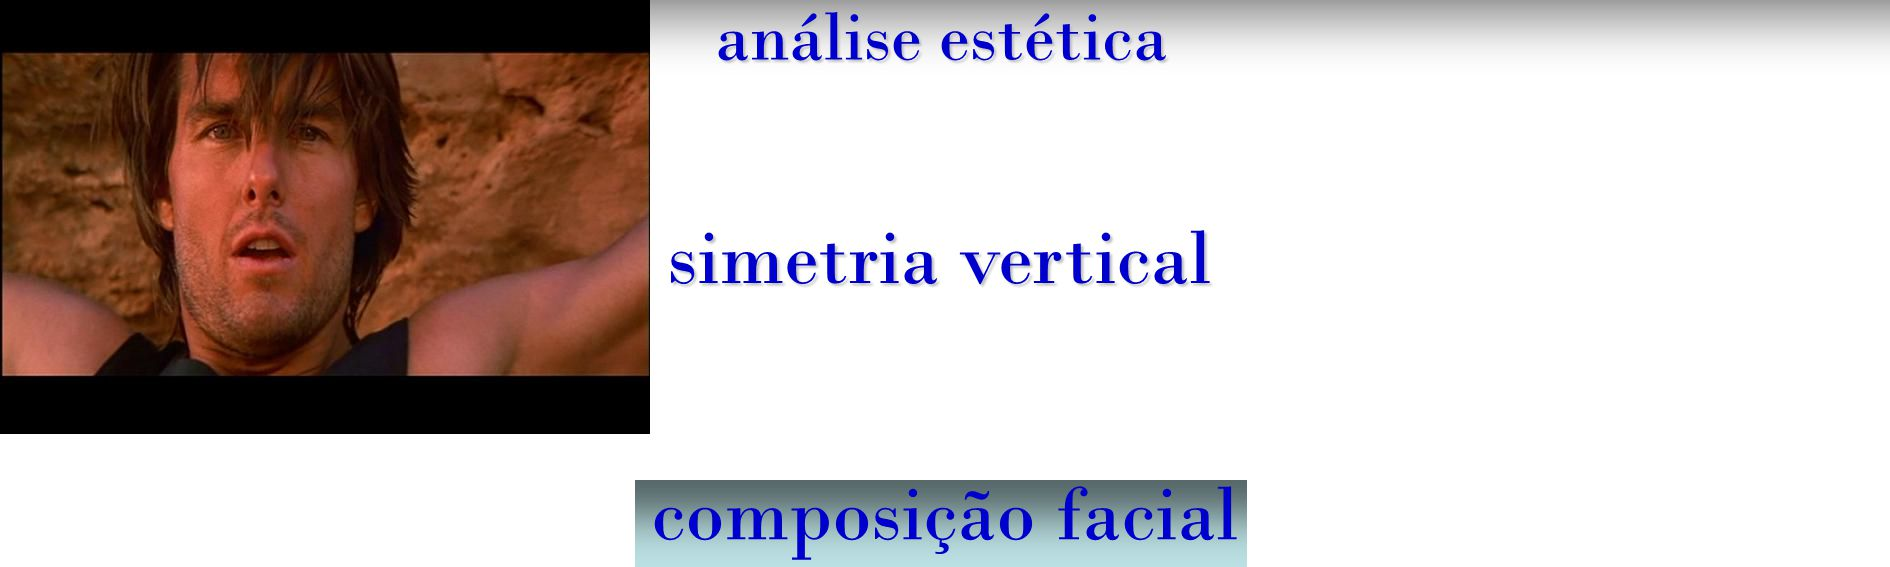 composição dental Inclinação axial